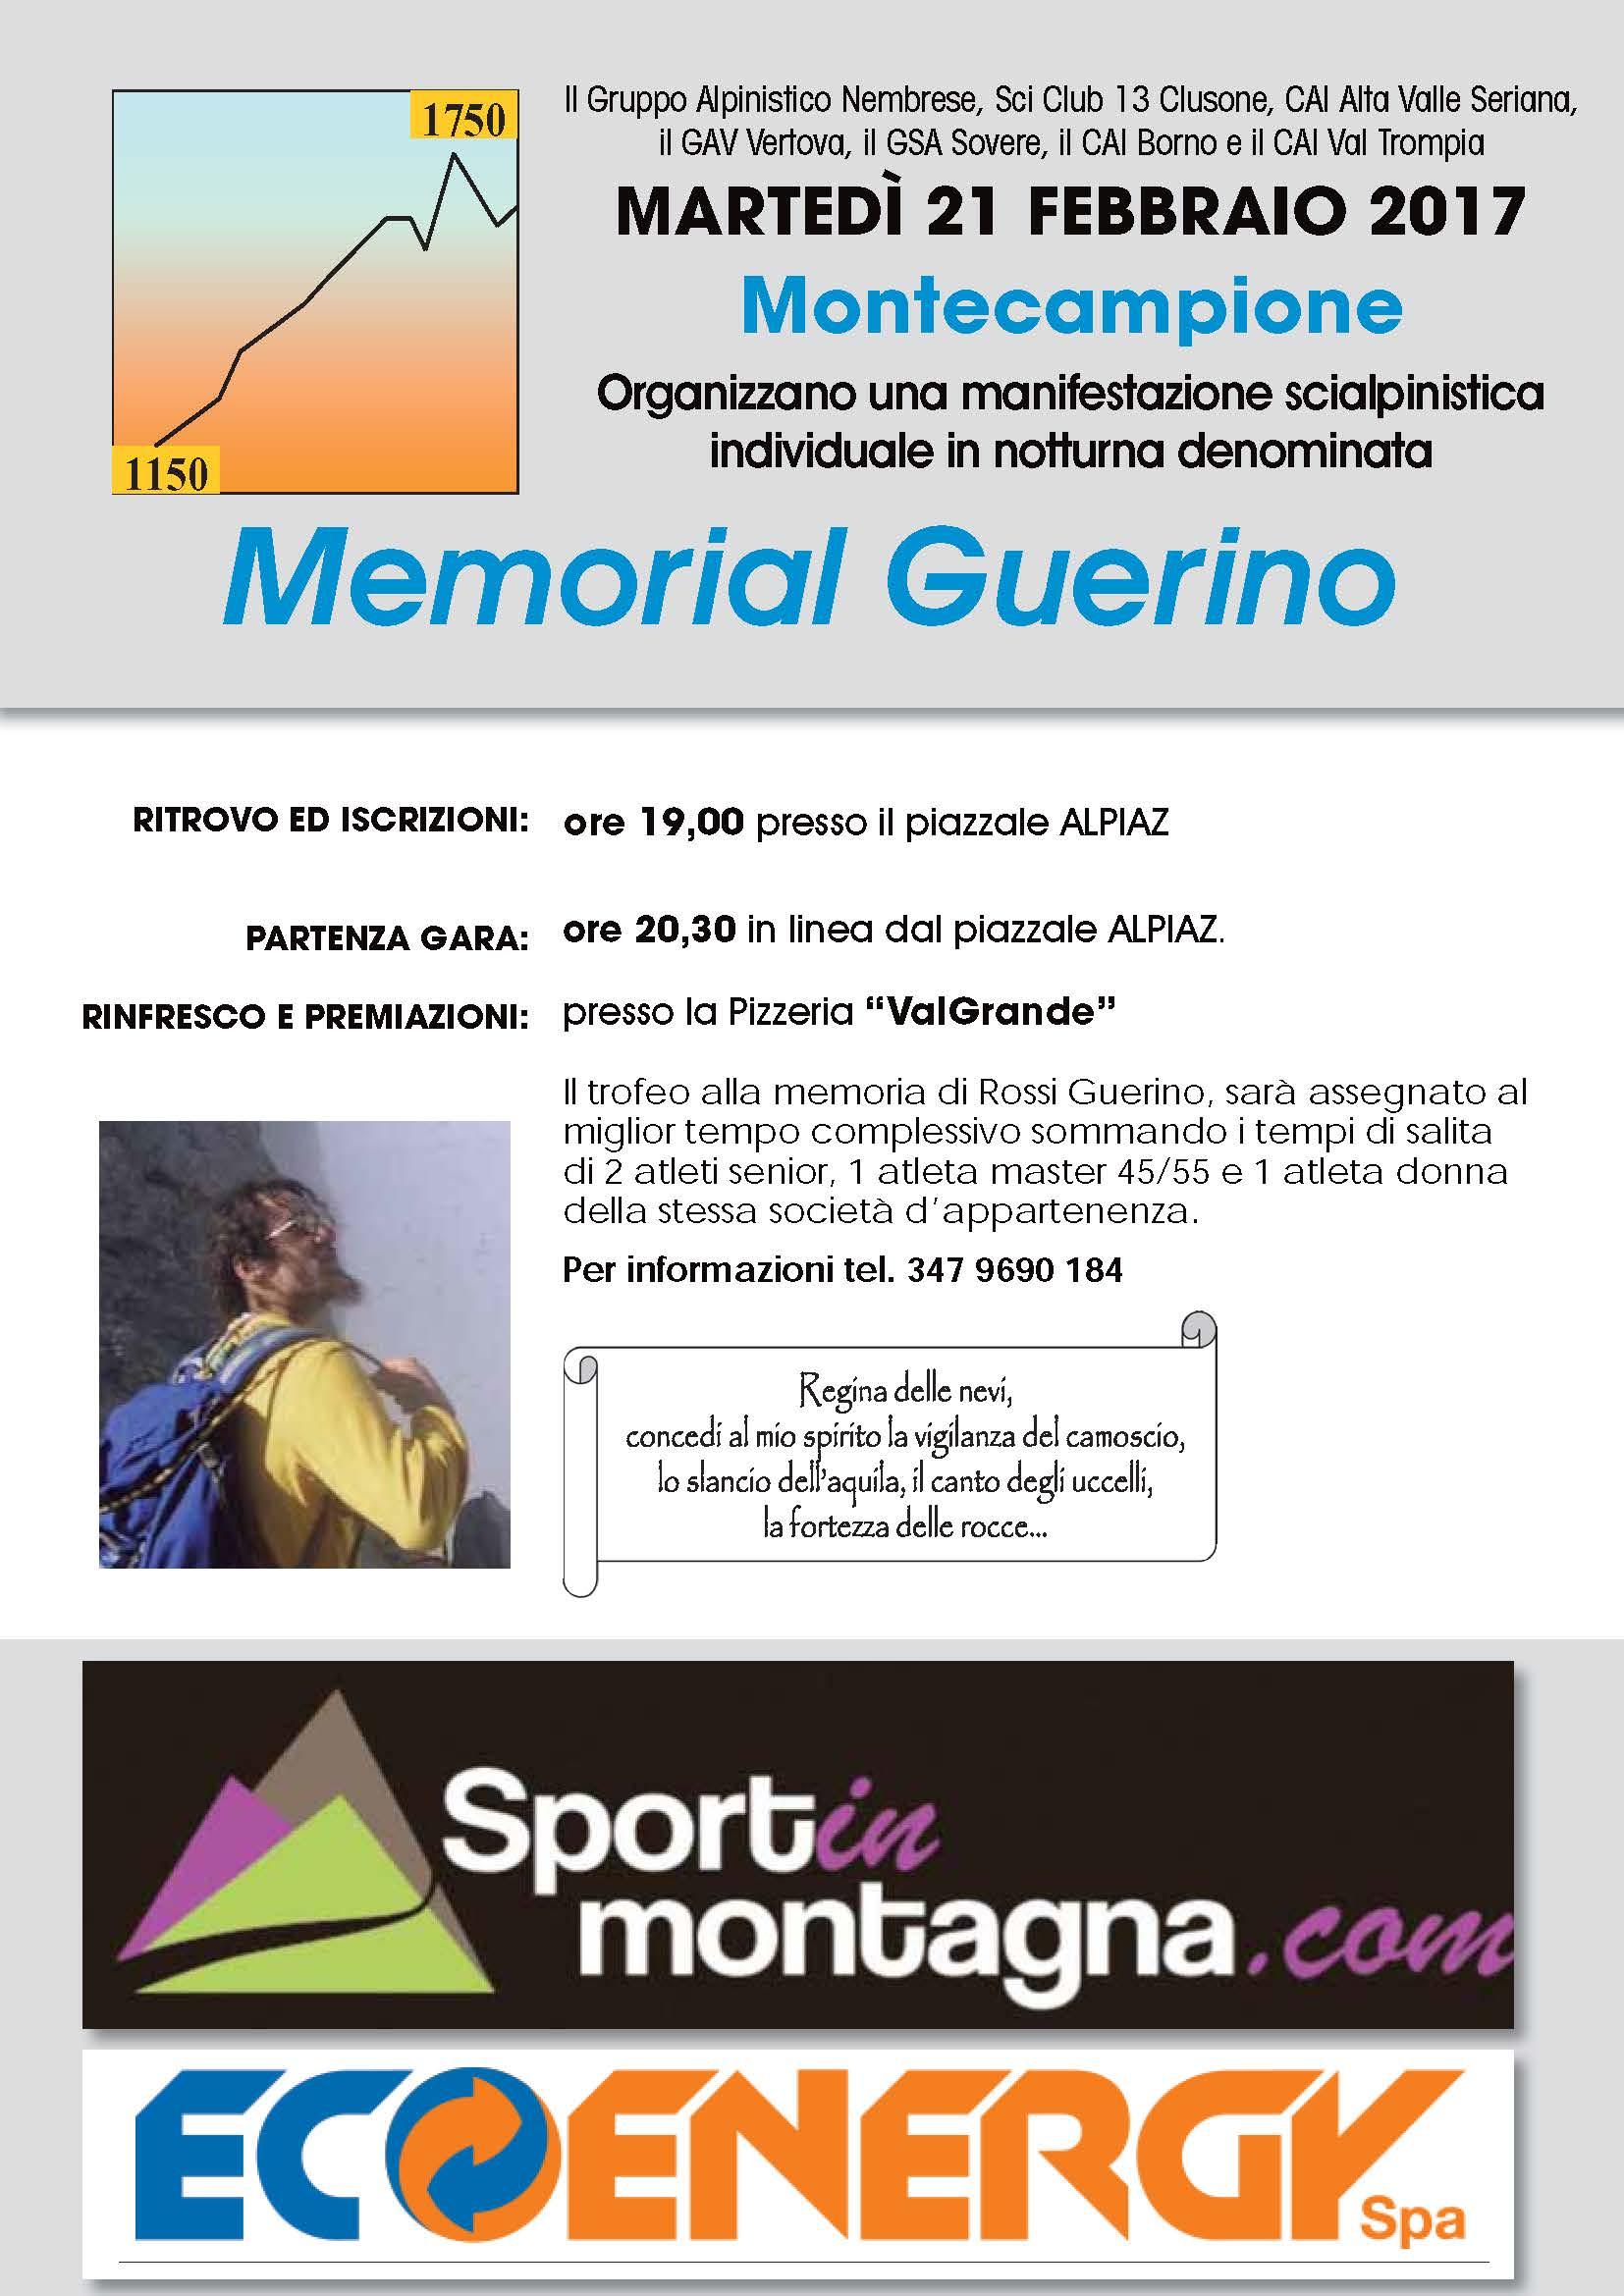 Memorial Guerino 2017